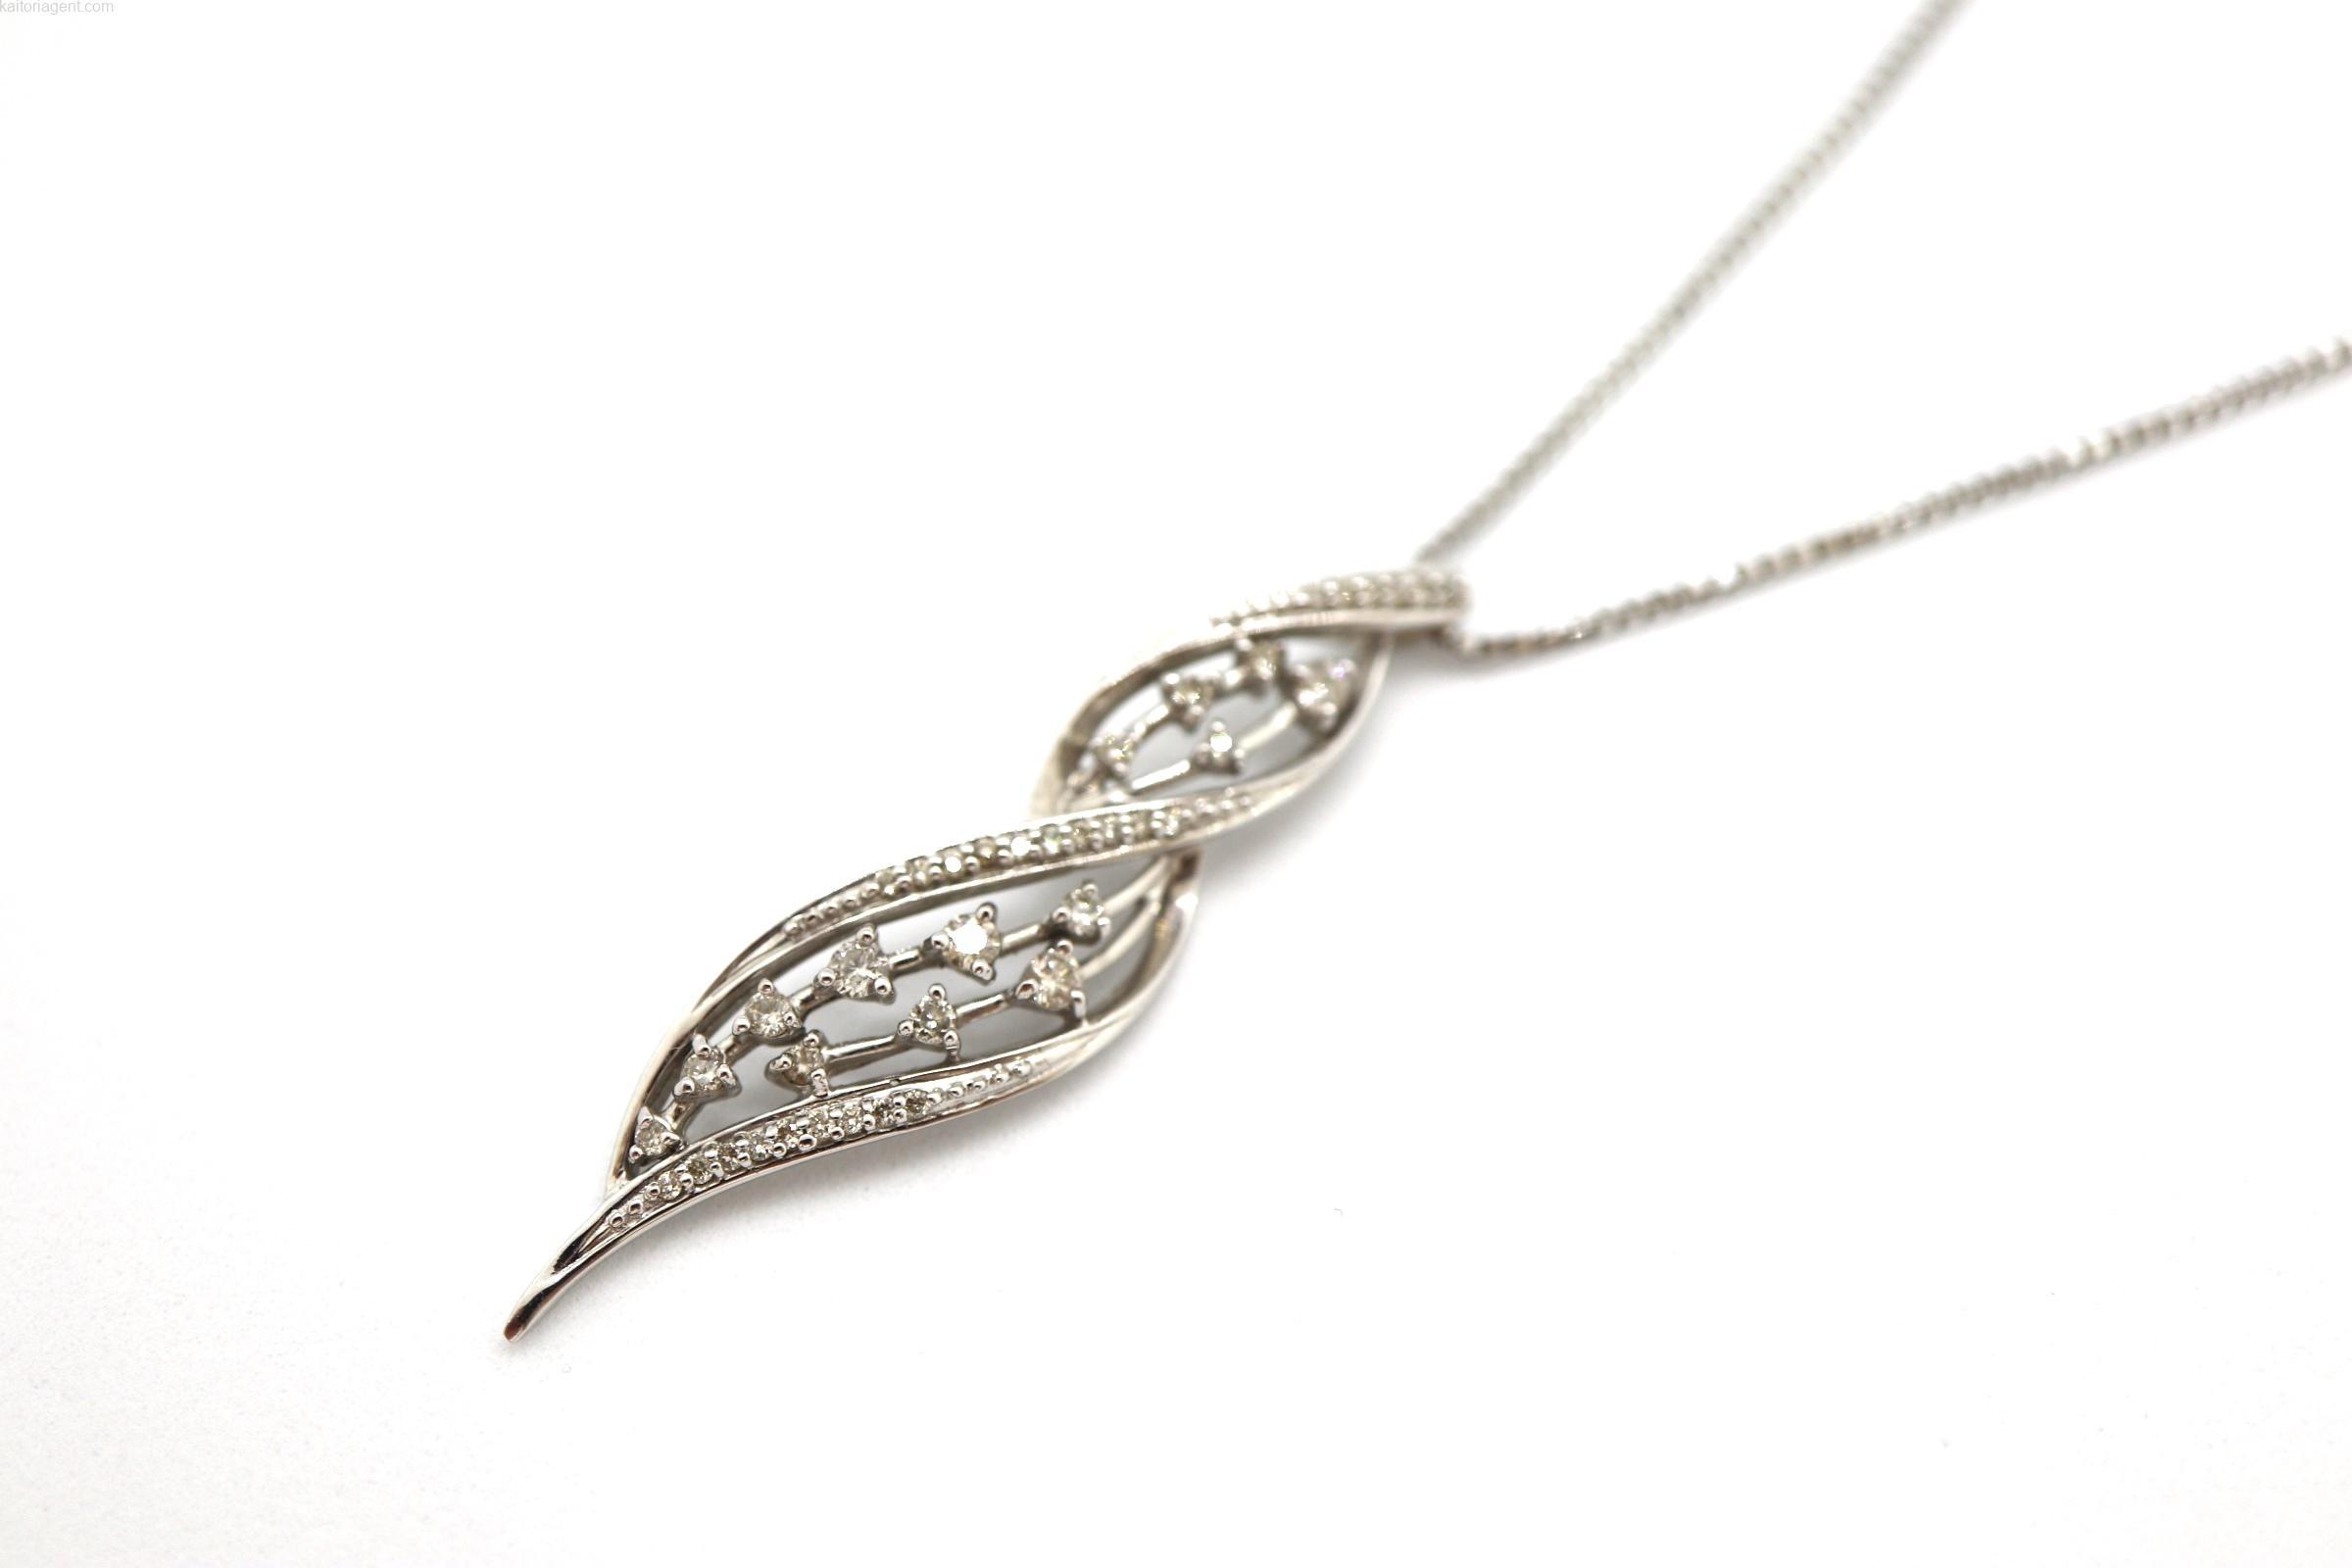 【形状】ネックレス 【主石】ダイヤモンド 【素材】ホワイ…の画像